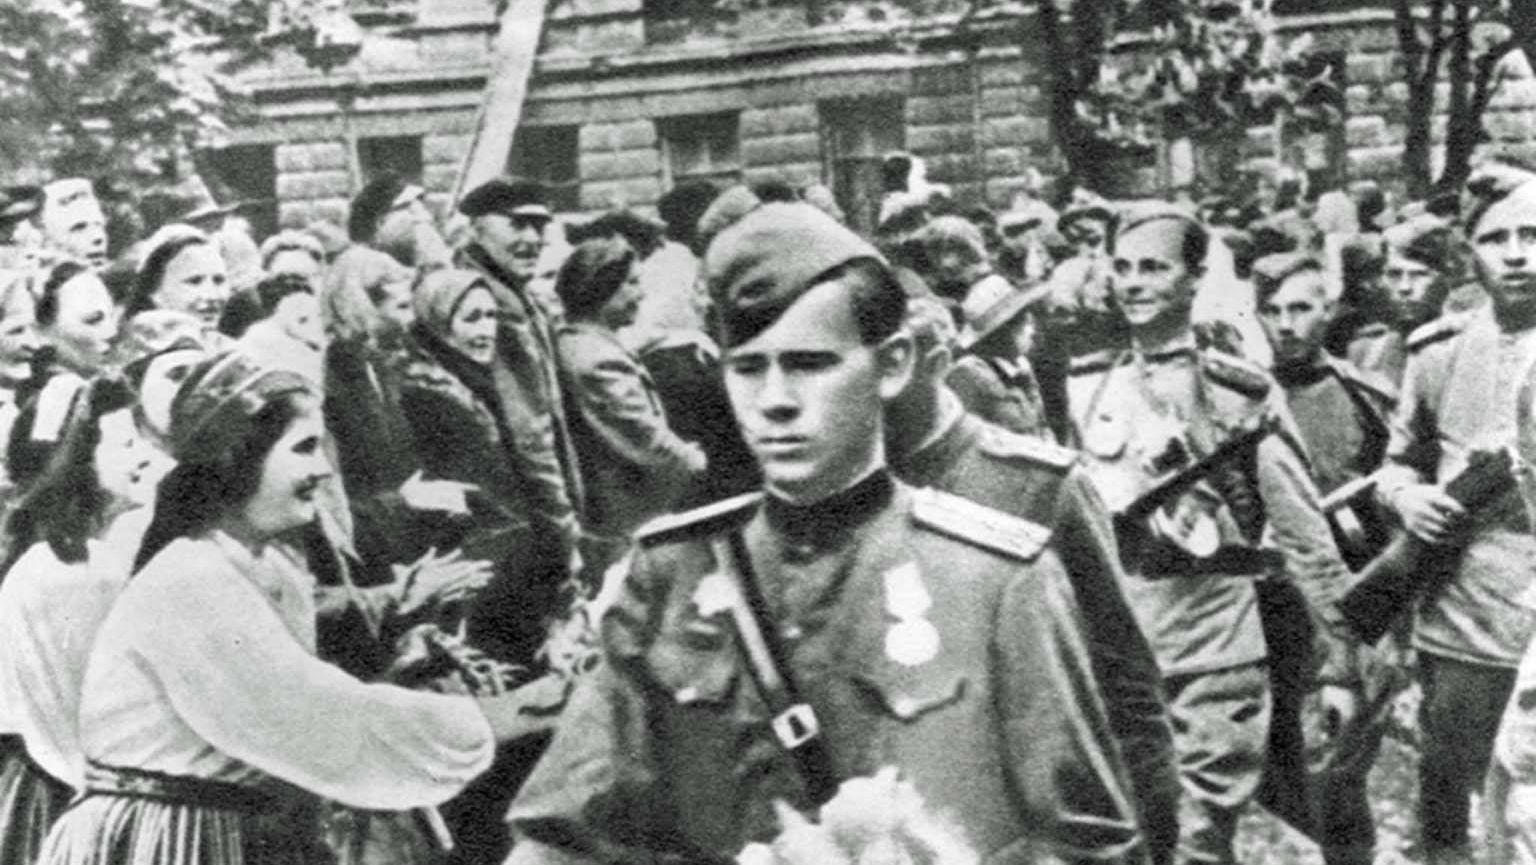 Воины 8-го эстонского корпуса вступают в Таллинн после освобождения города от германских войск. Сентябрь 1944 г.